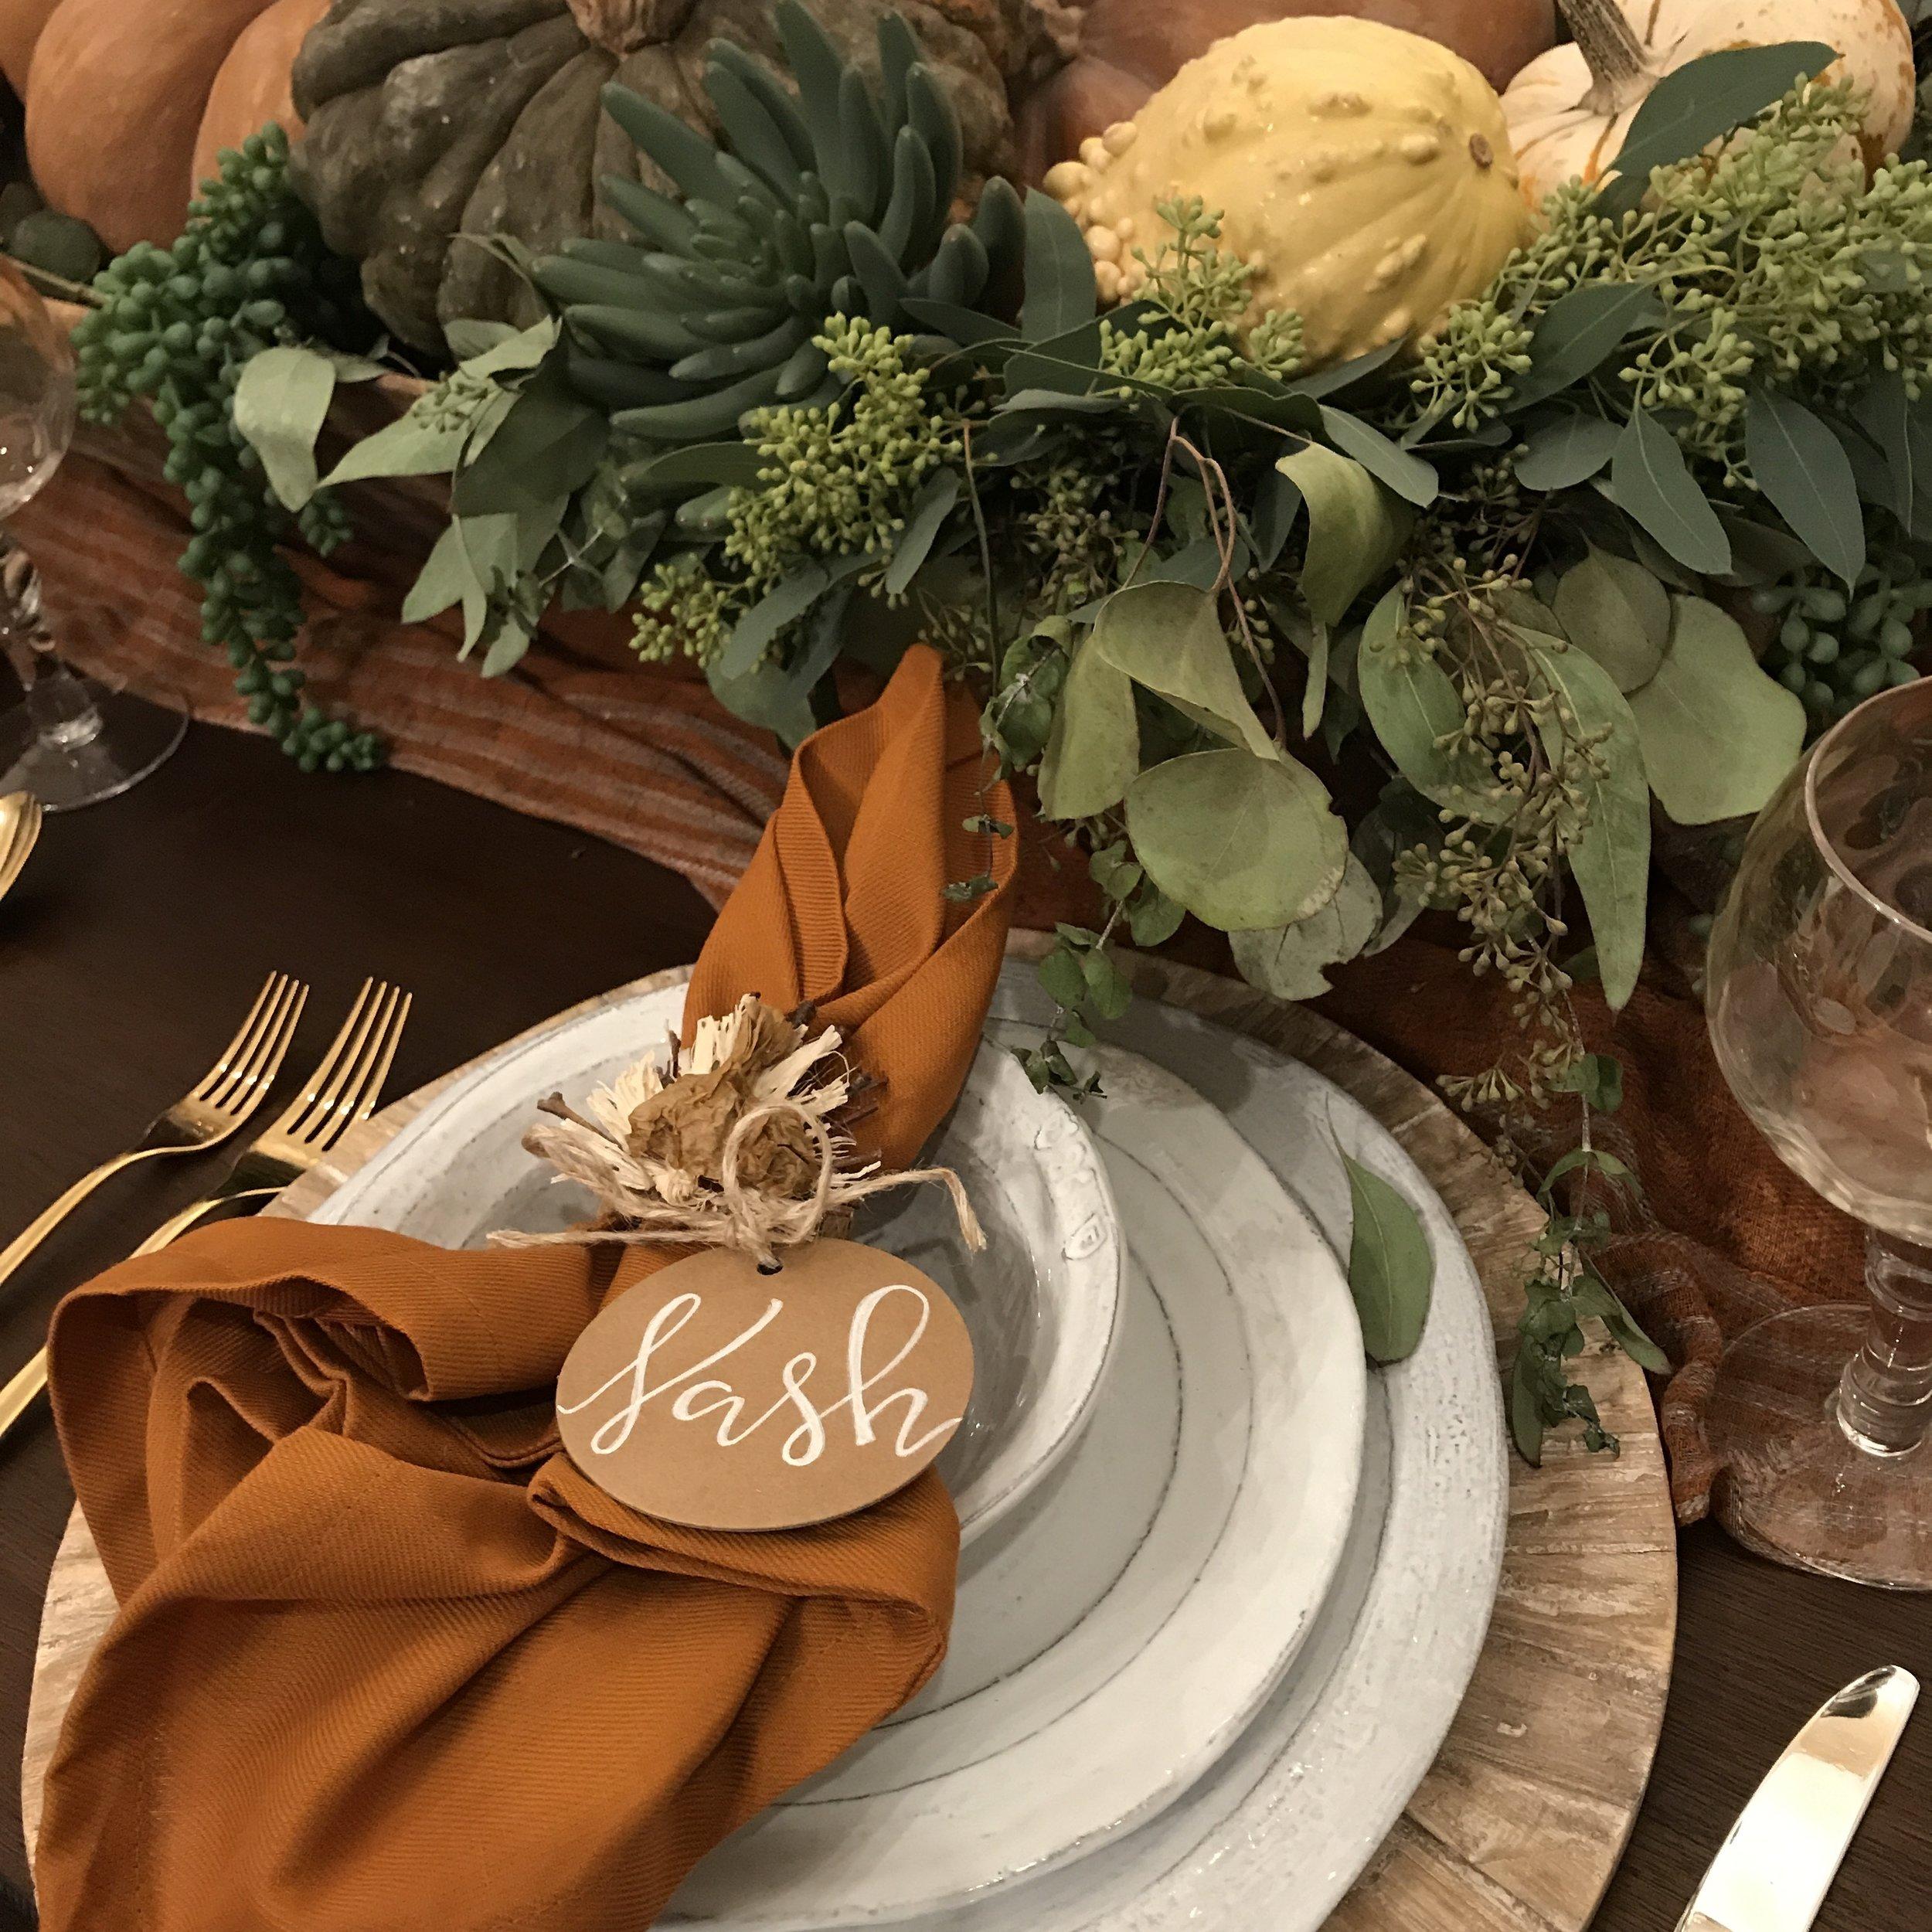 Thanksgivingnameplate.JPG